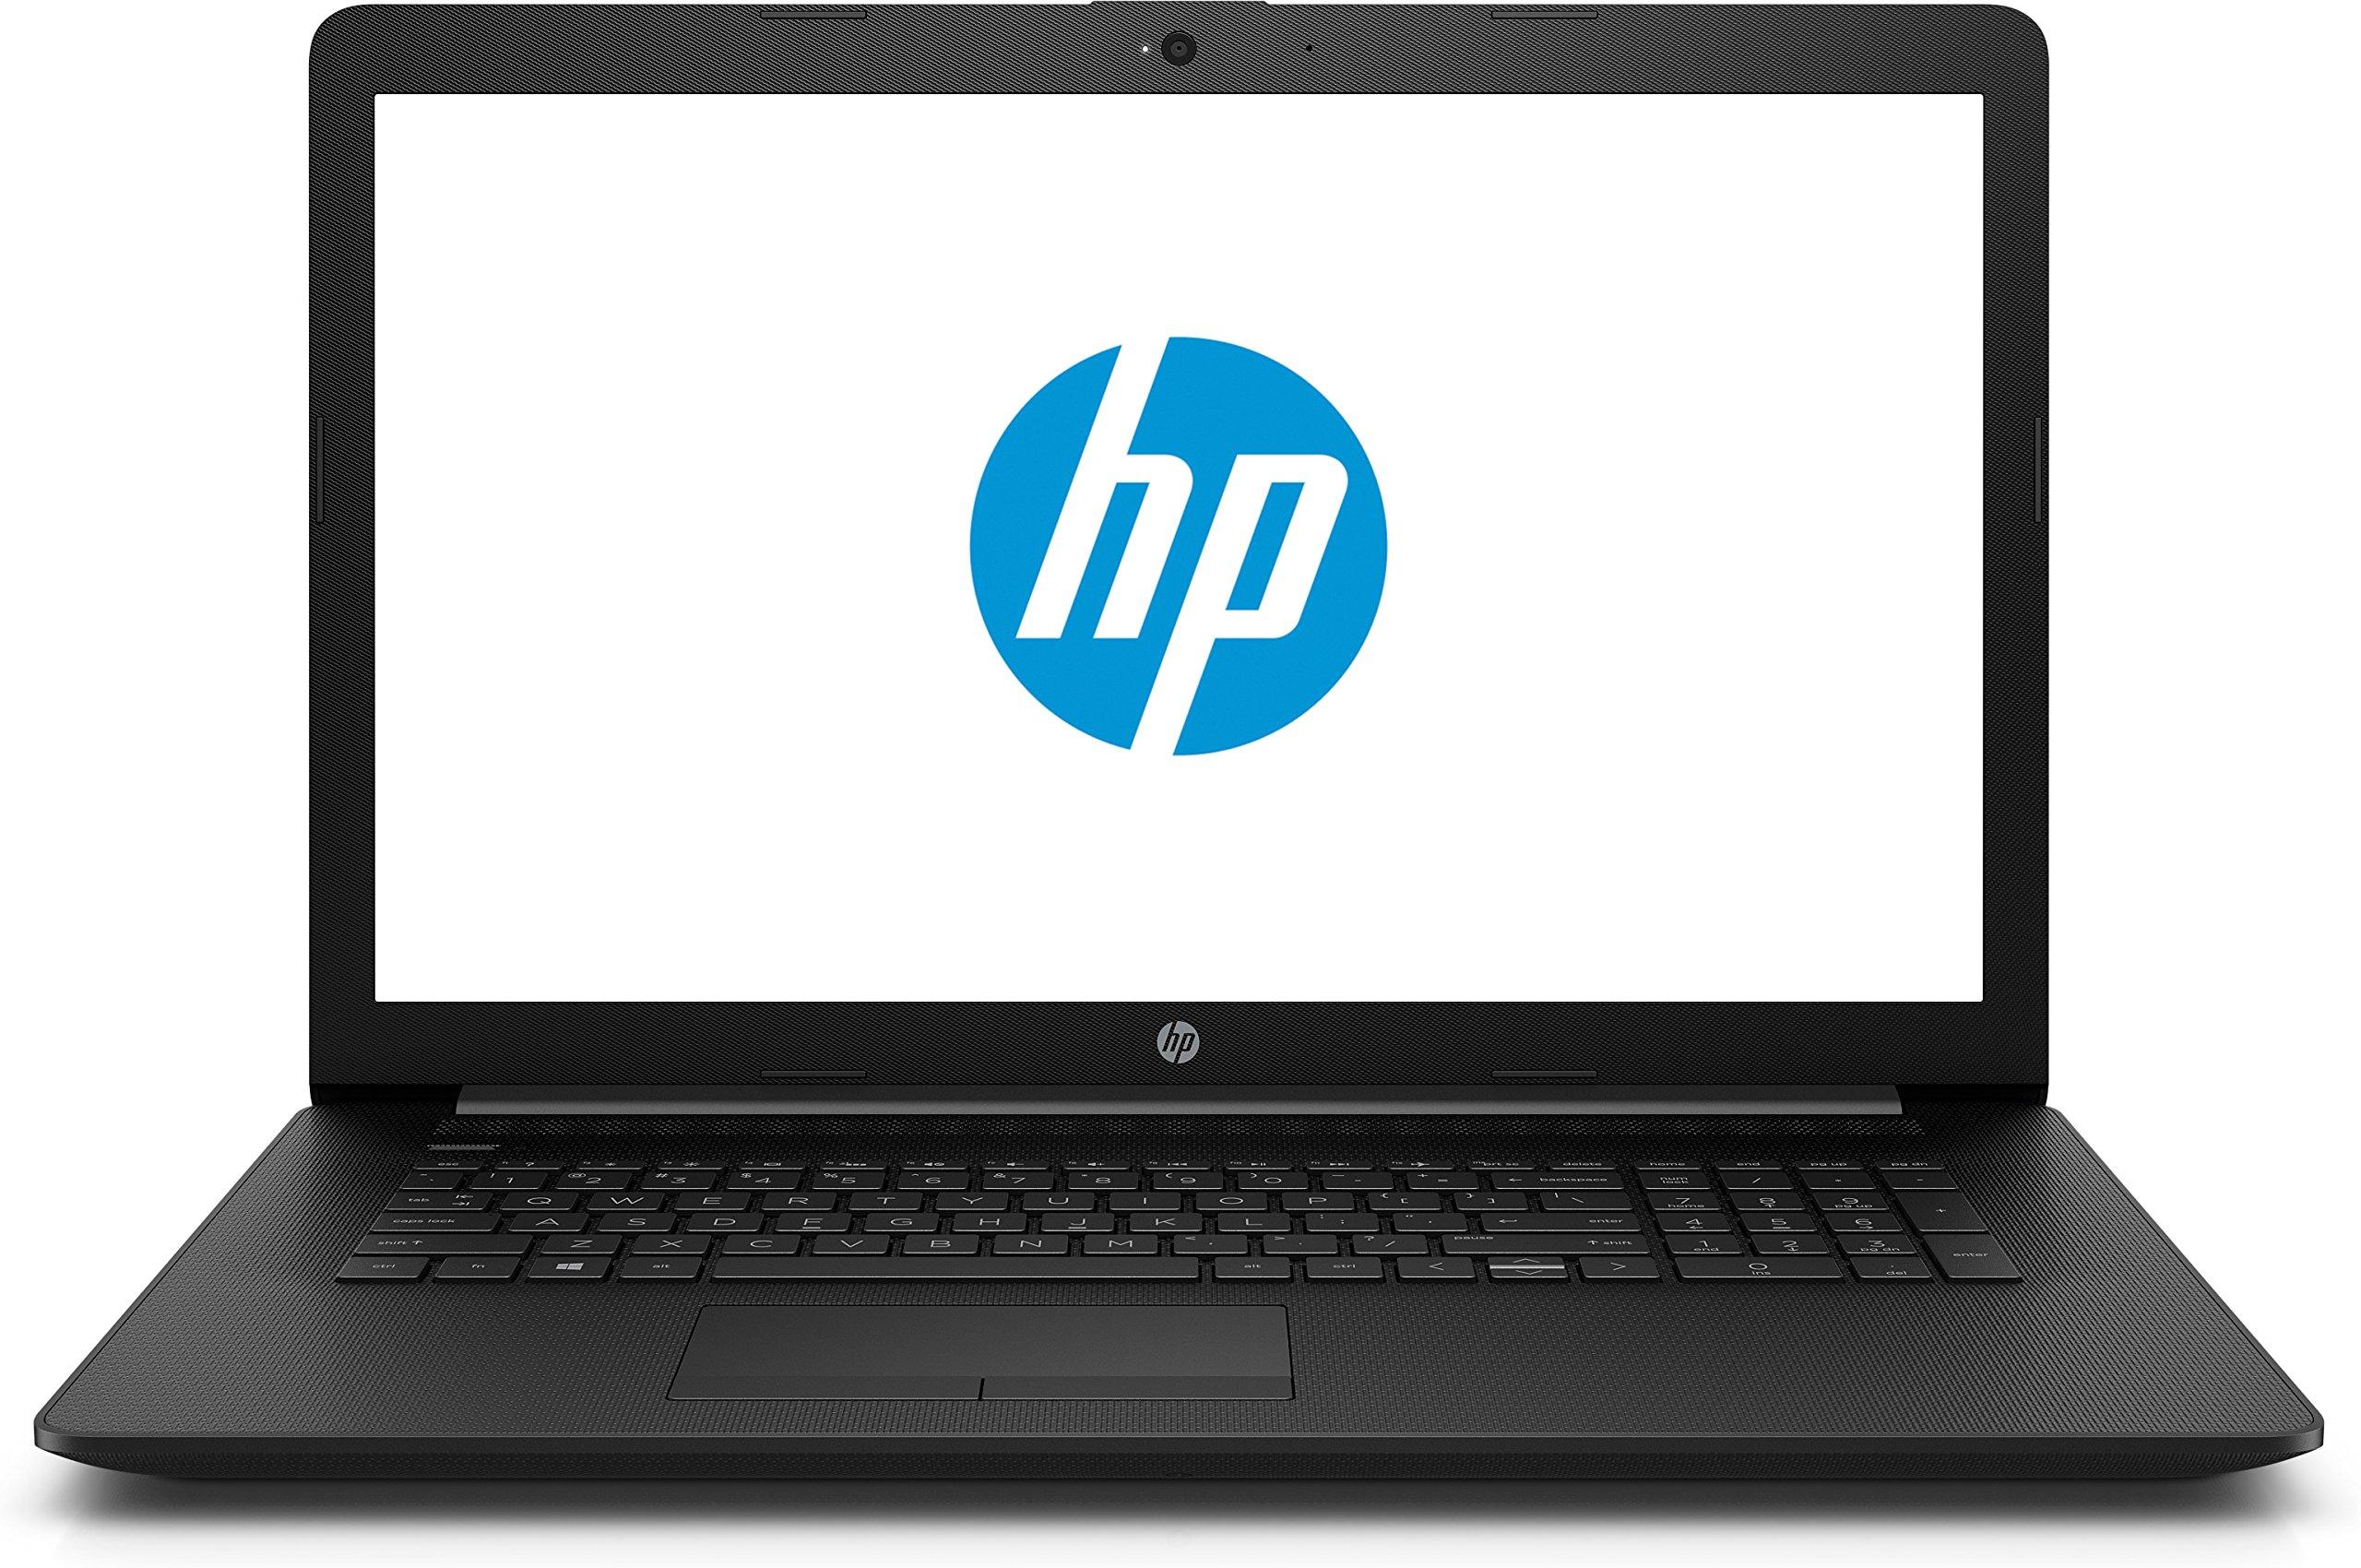 HP HP 17 x 1017ng 43.9 cm(17.3インチHD +)ノートブックコンピュータ(Intel Core i5-8265U、8GB DDR4 RAM、256GBソリッドステートドライブ、Intel Ultra HDグラフィックス、Windows 10 Home Edition)